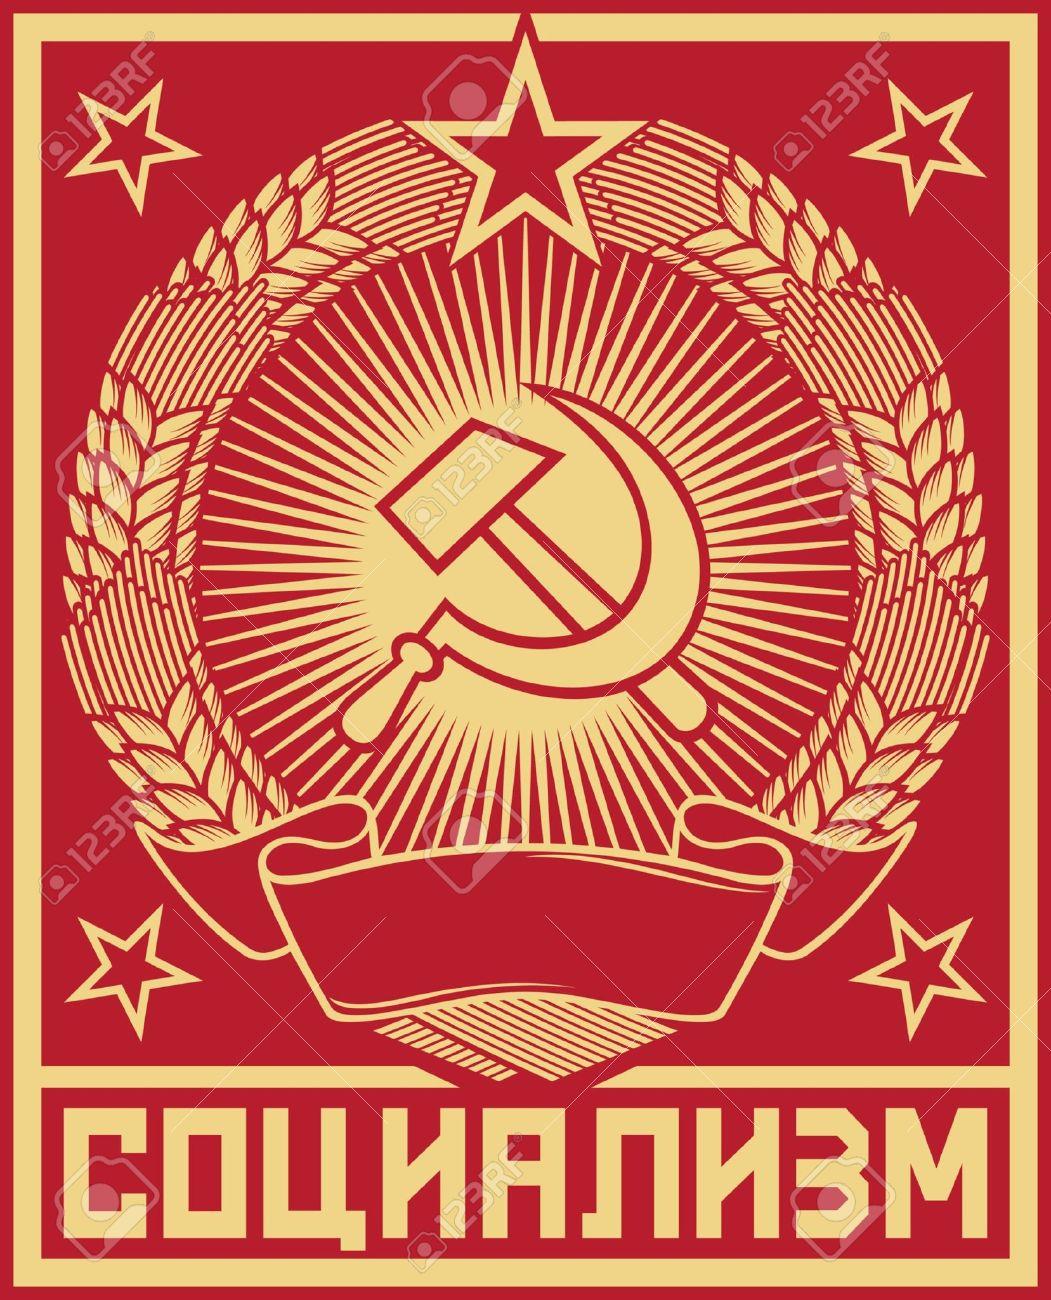 Socialism Poster Ussr Poster, Soviet Poster, Socialism Poster ...